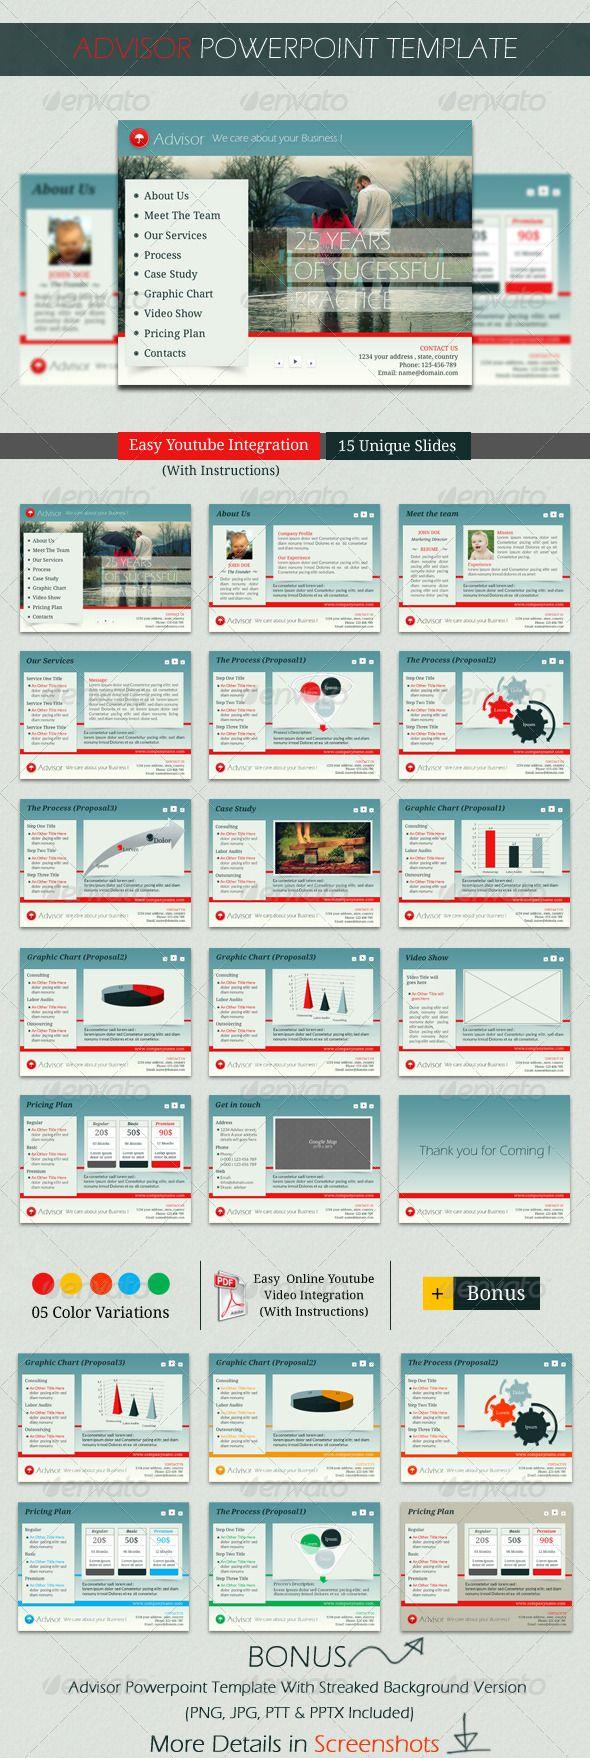 Advisor-Powerpoint-Template.jpg (590×1758)